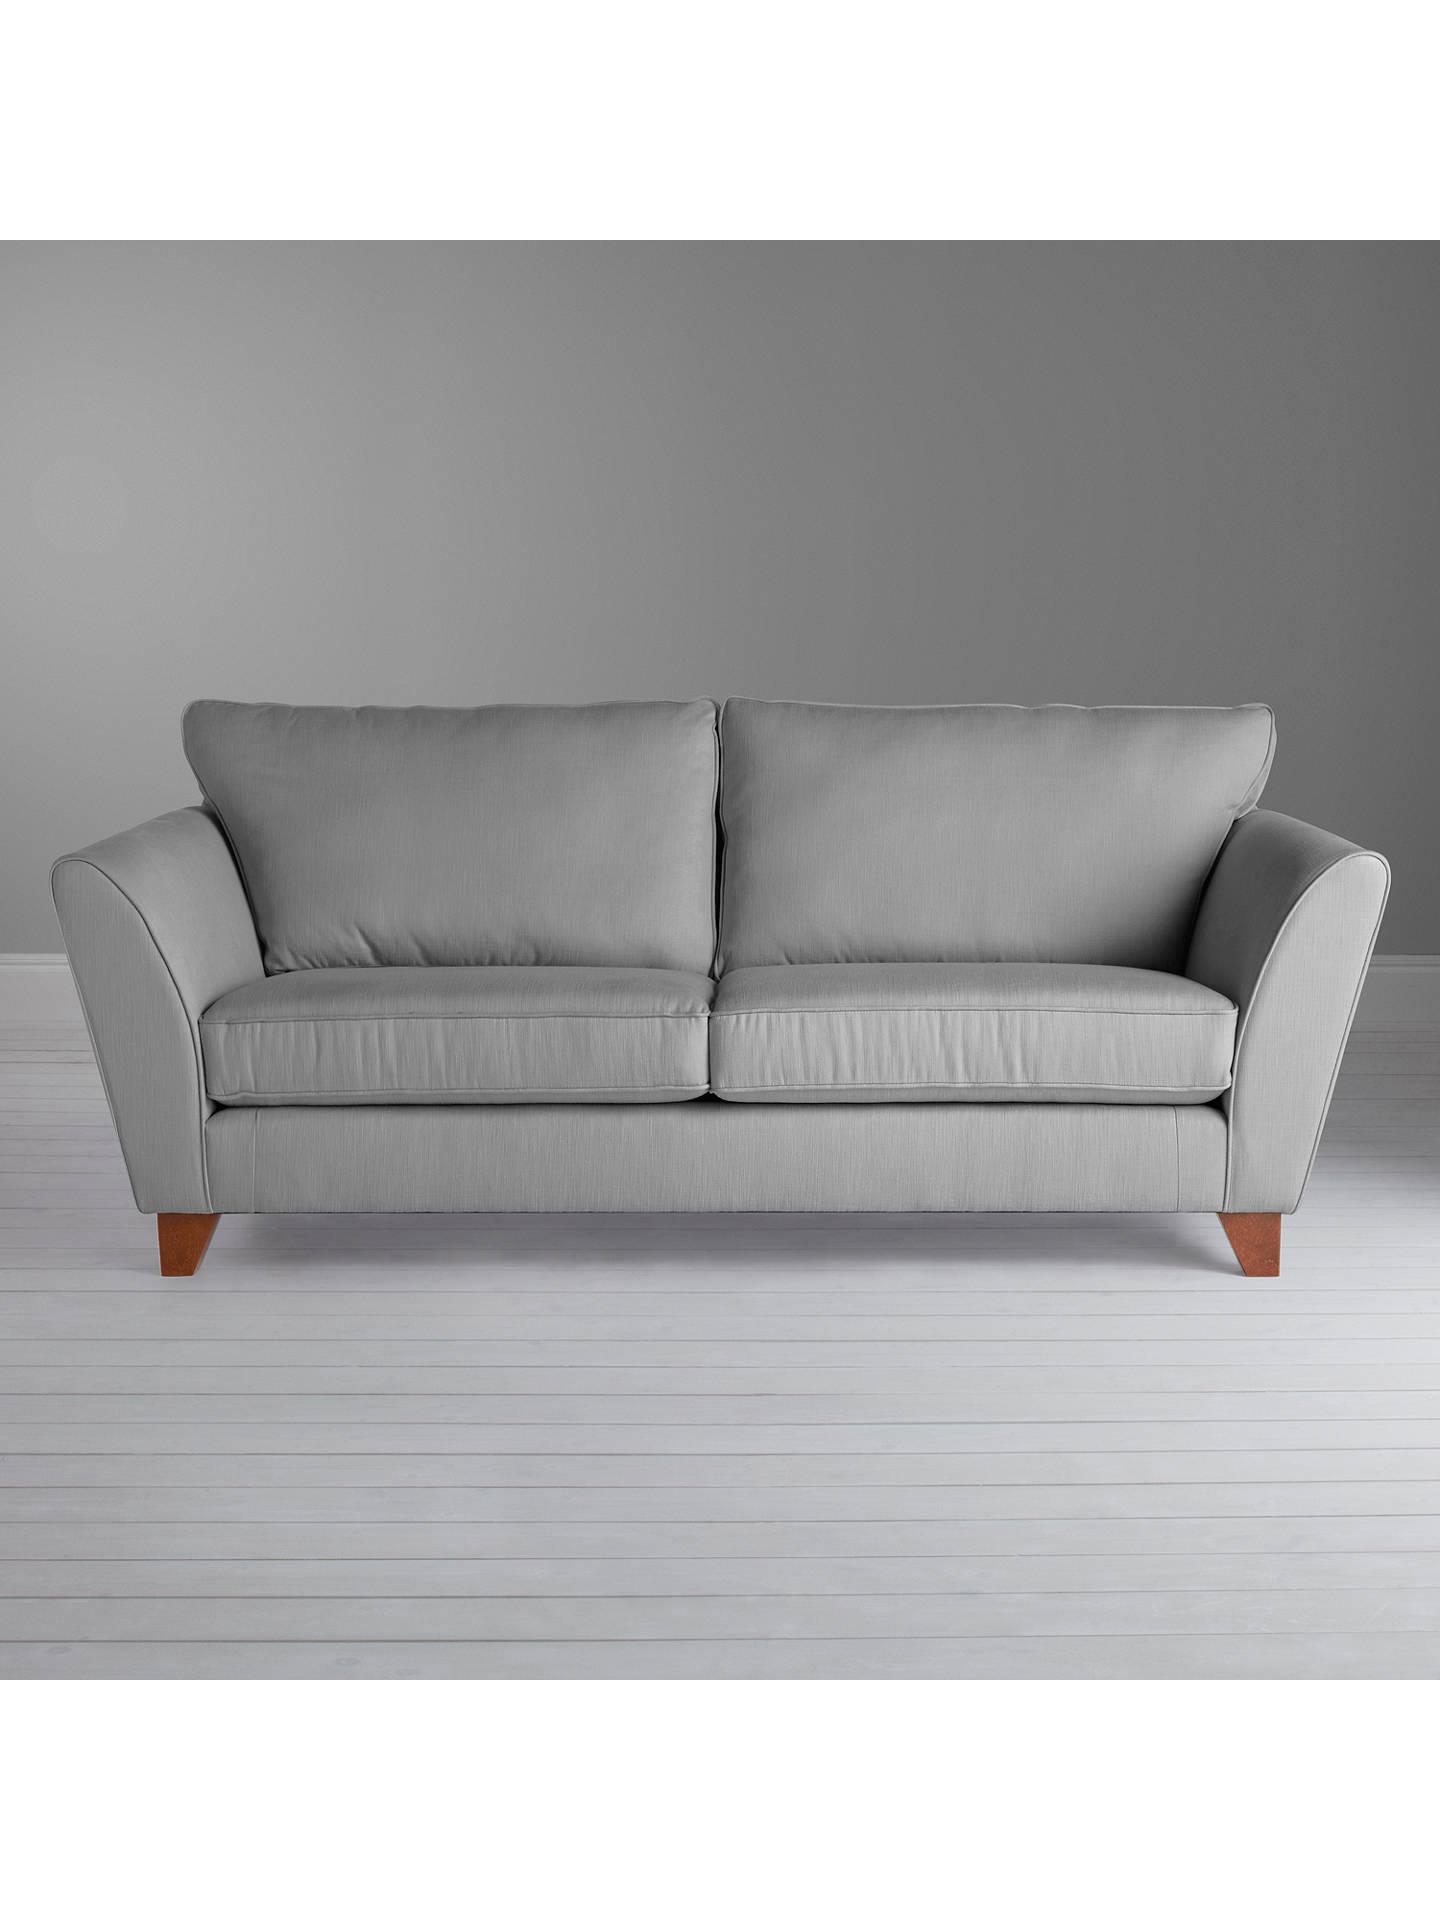 Large 3 Seater Sofa Dark Leg Drayton